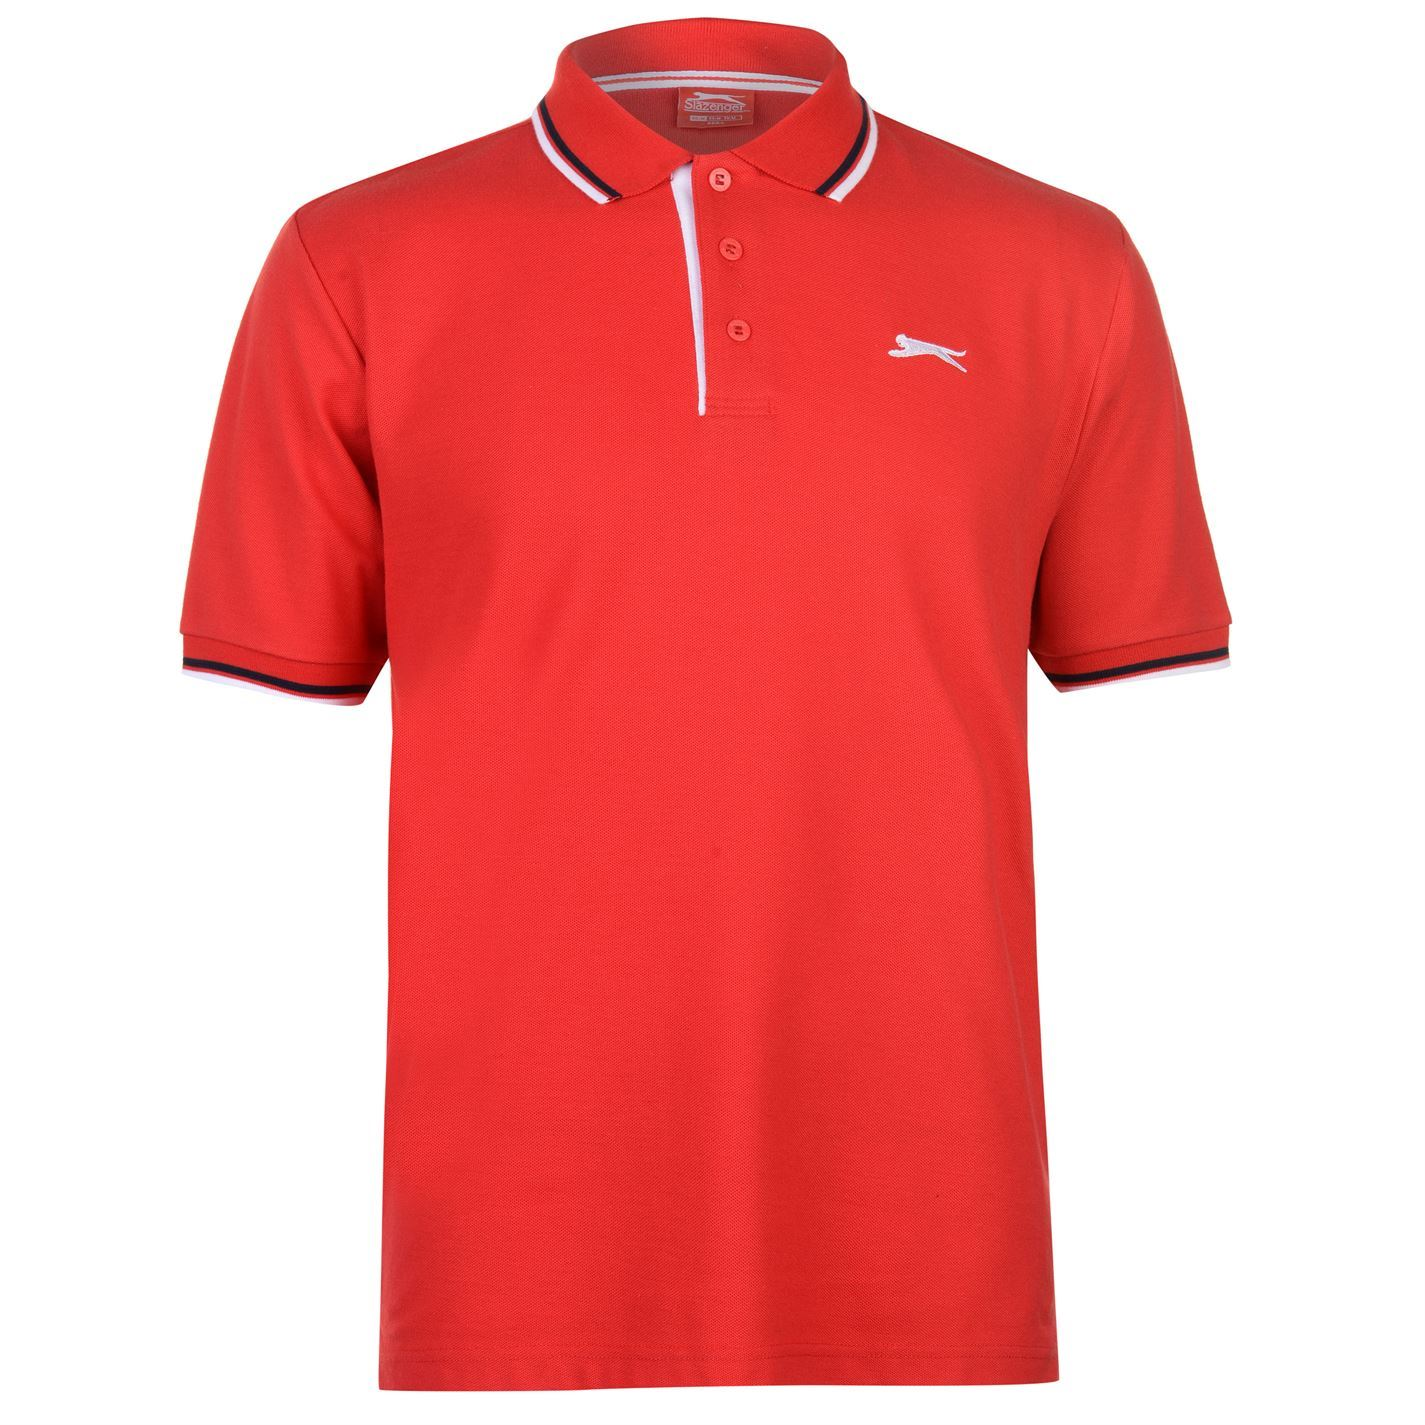 Slazenger-Polo-Camisa-de-hombre-con-cuello-con-Punta-T-Shirt-Top-Camiseta-Tee miniatura 31